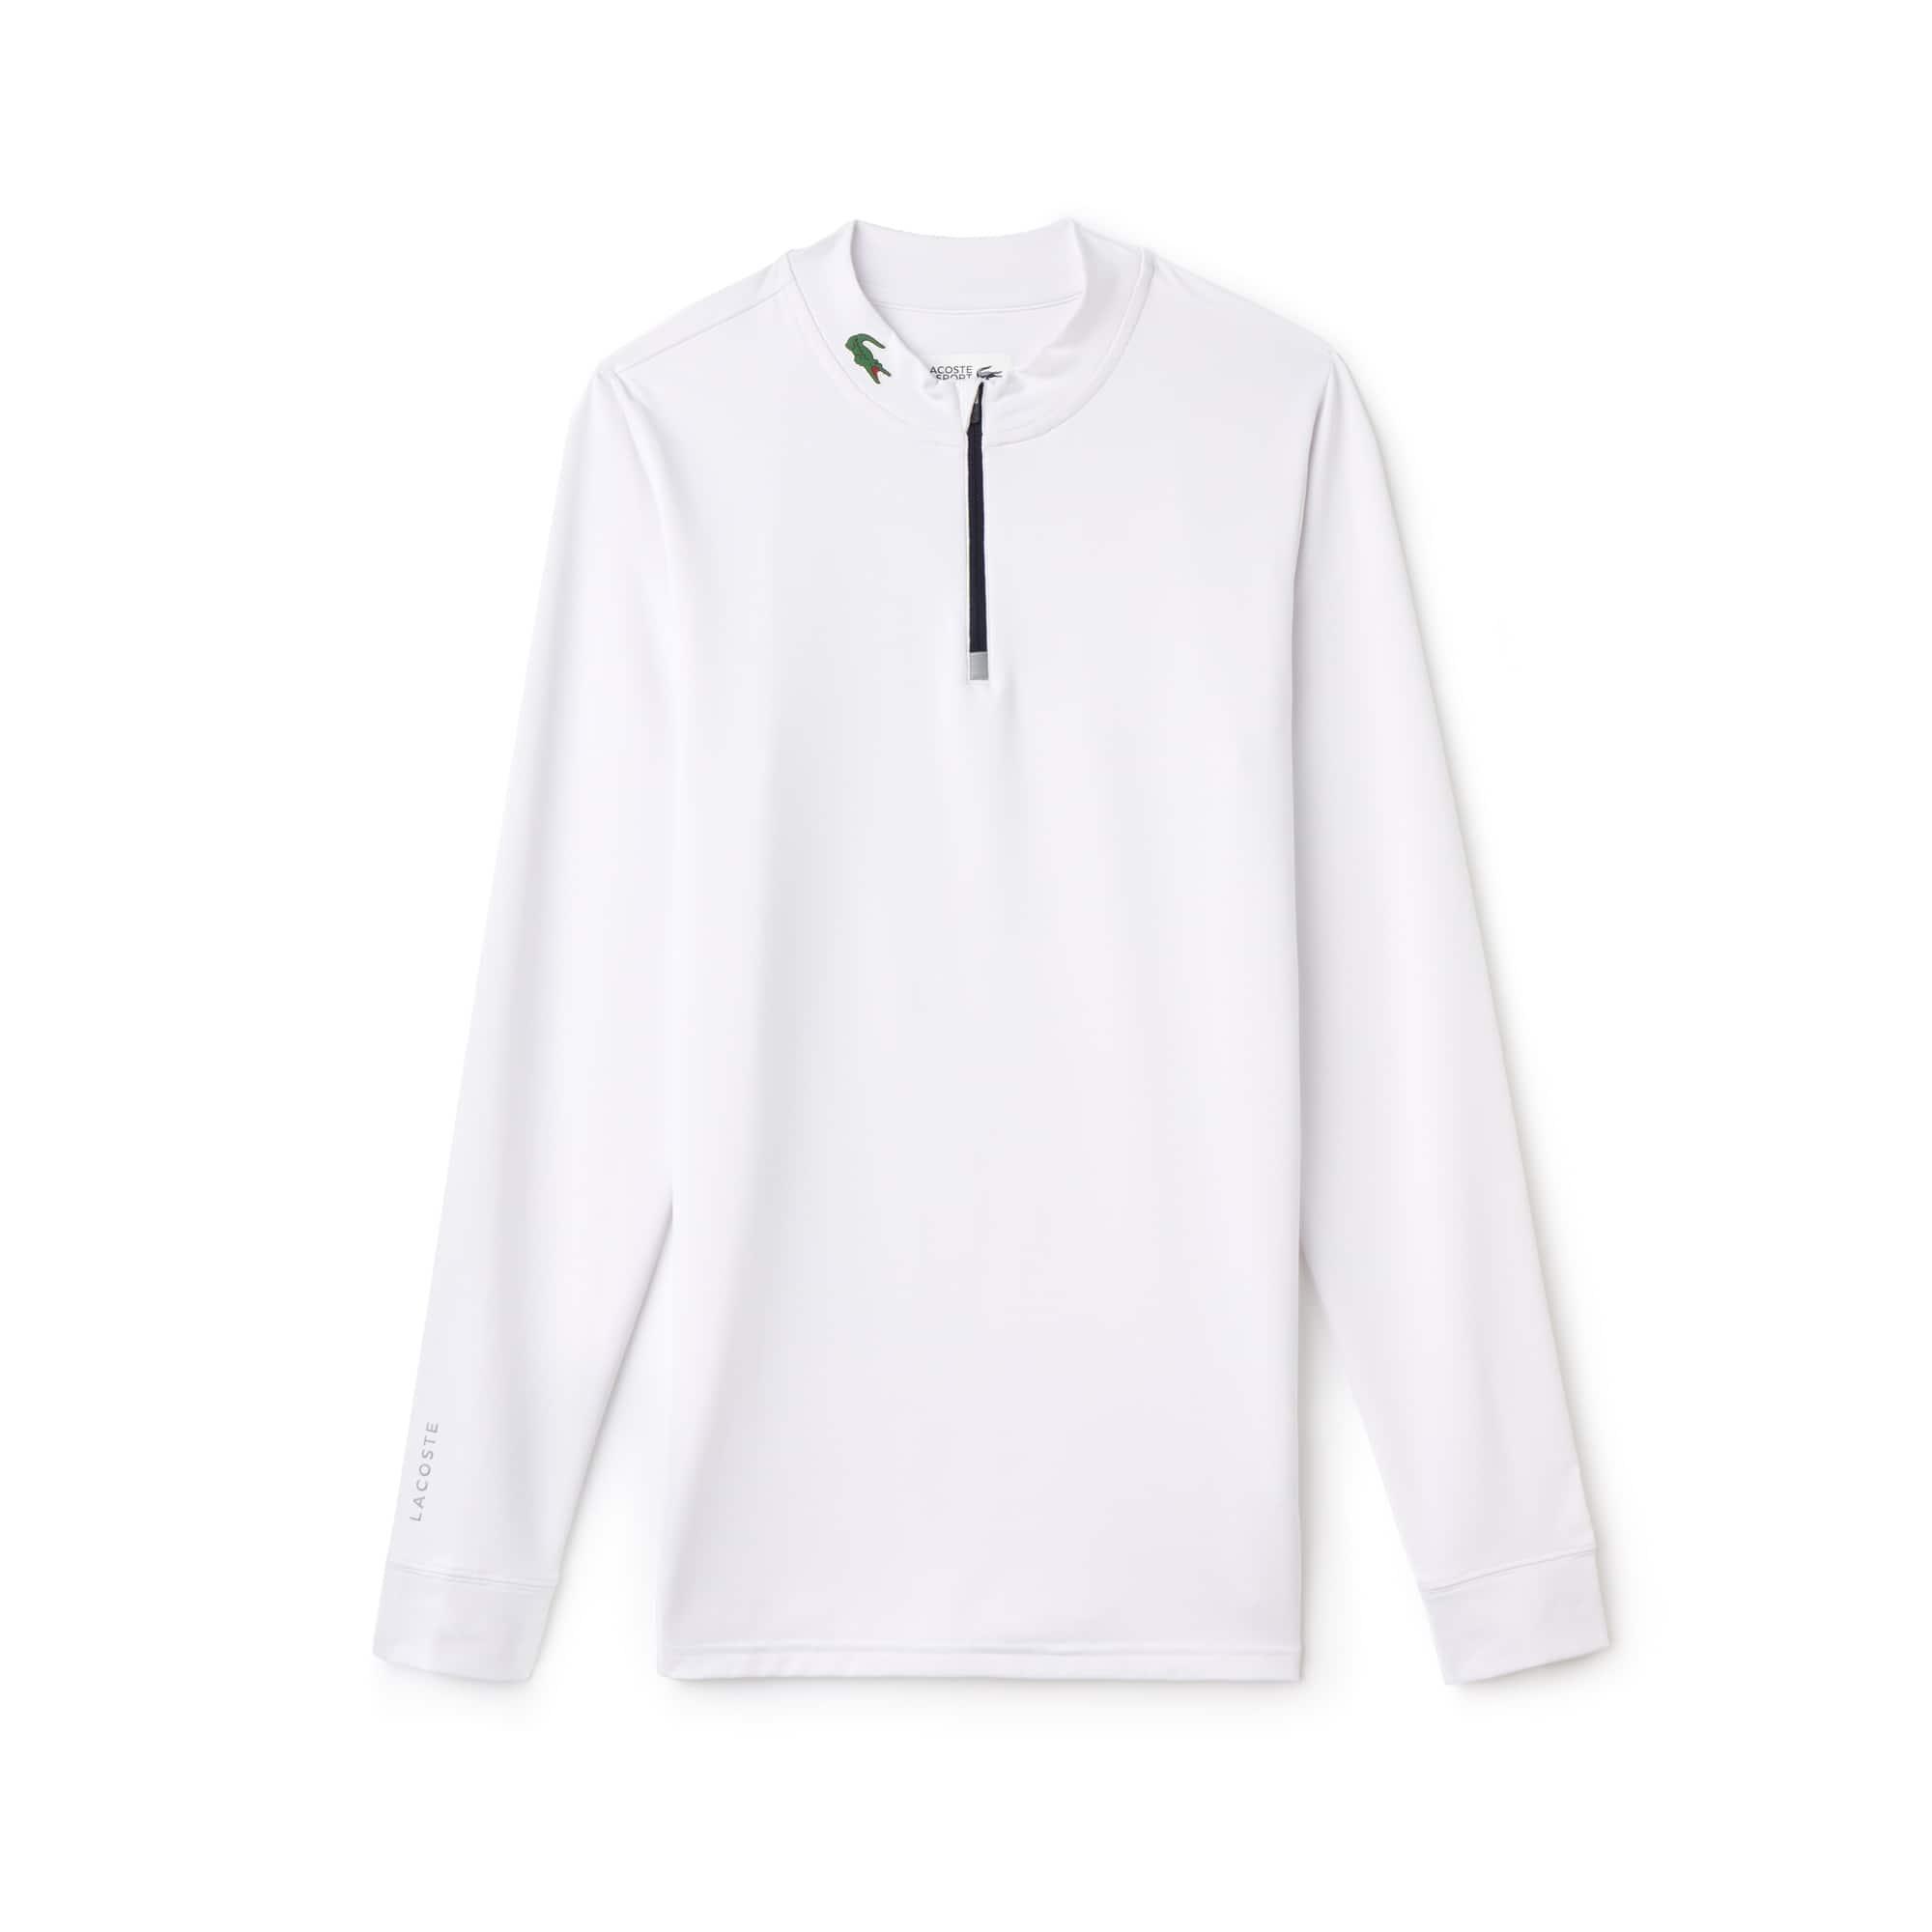 Men's SPORT Technical Golf T-Shirt